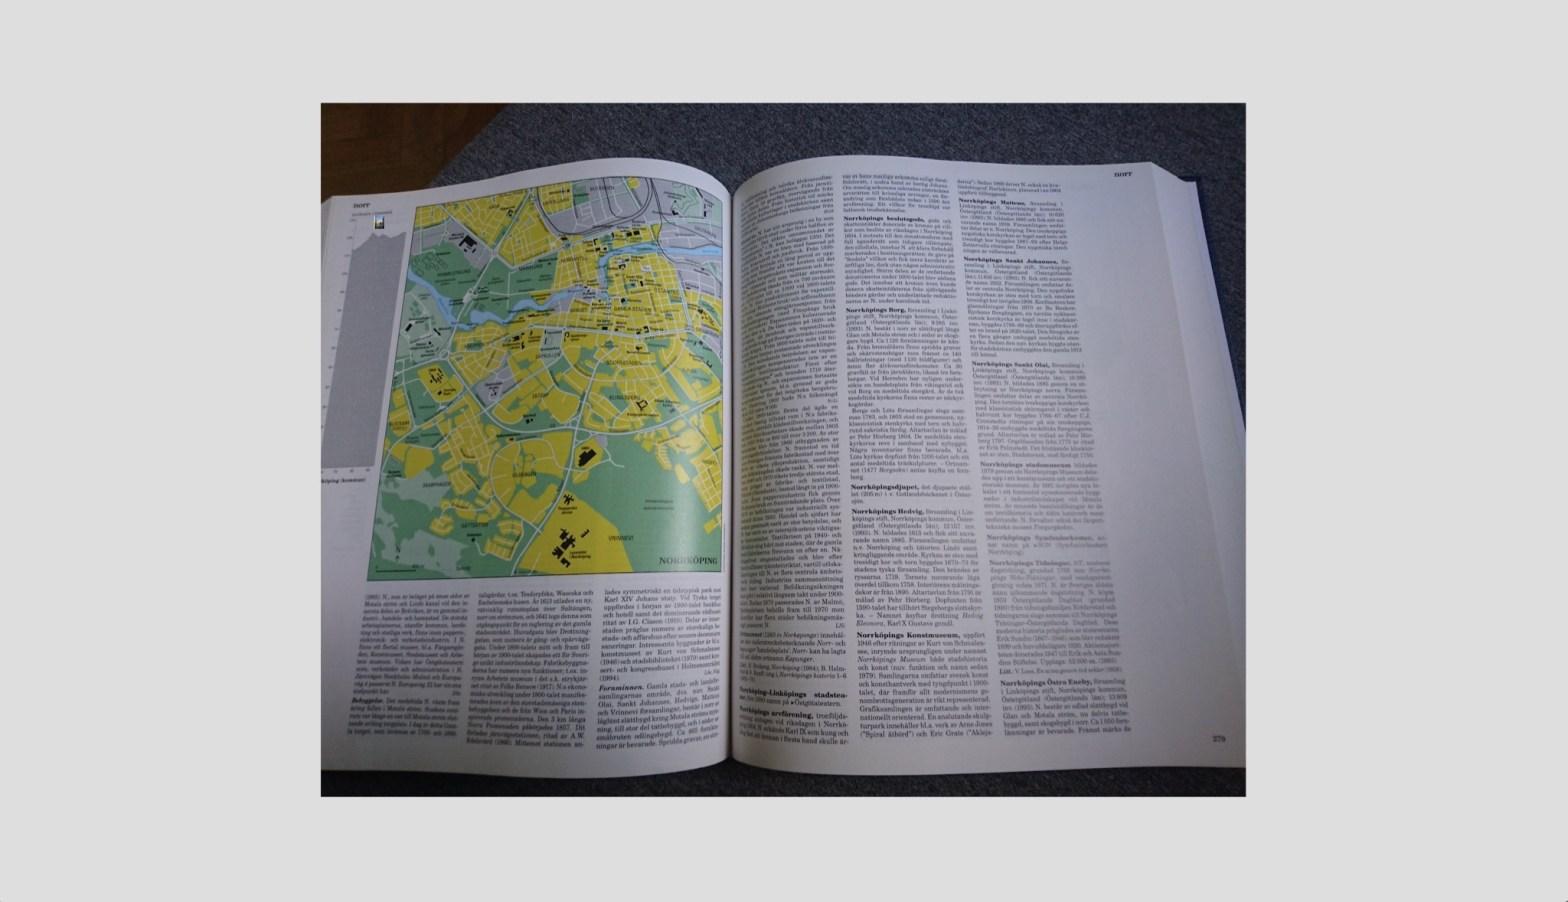 Ett uppslag i en encyklopedi.